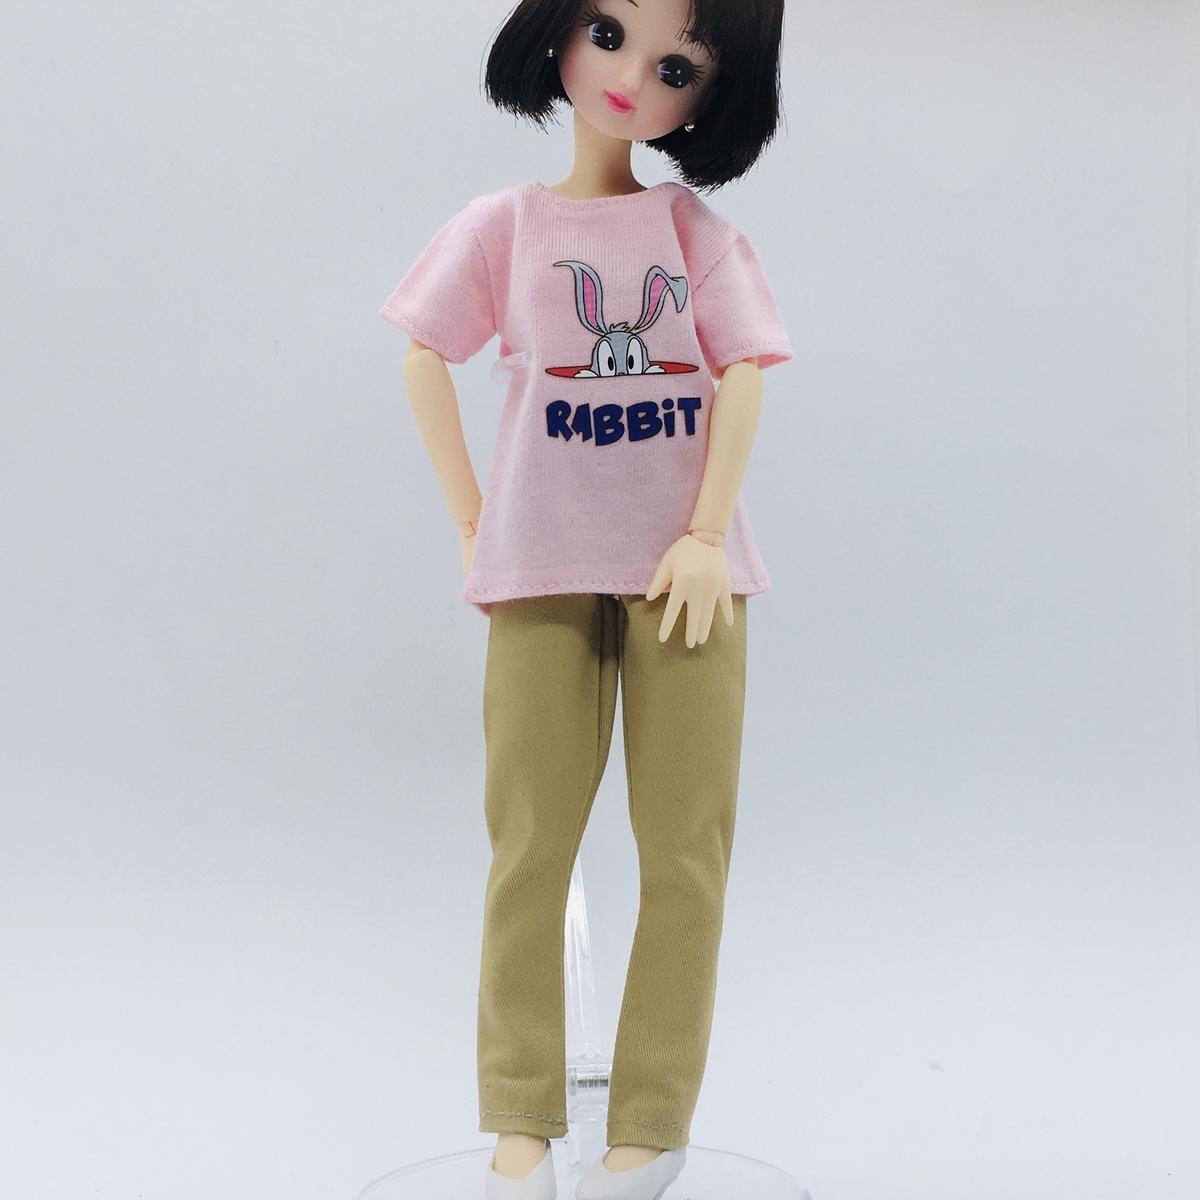 パンツの裾上げしたバービーのベージュのスリムパンツを着るリカちゃん